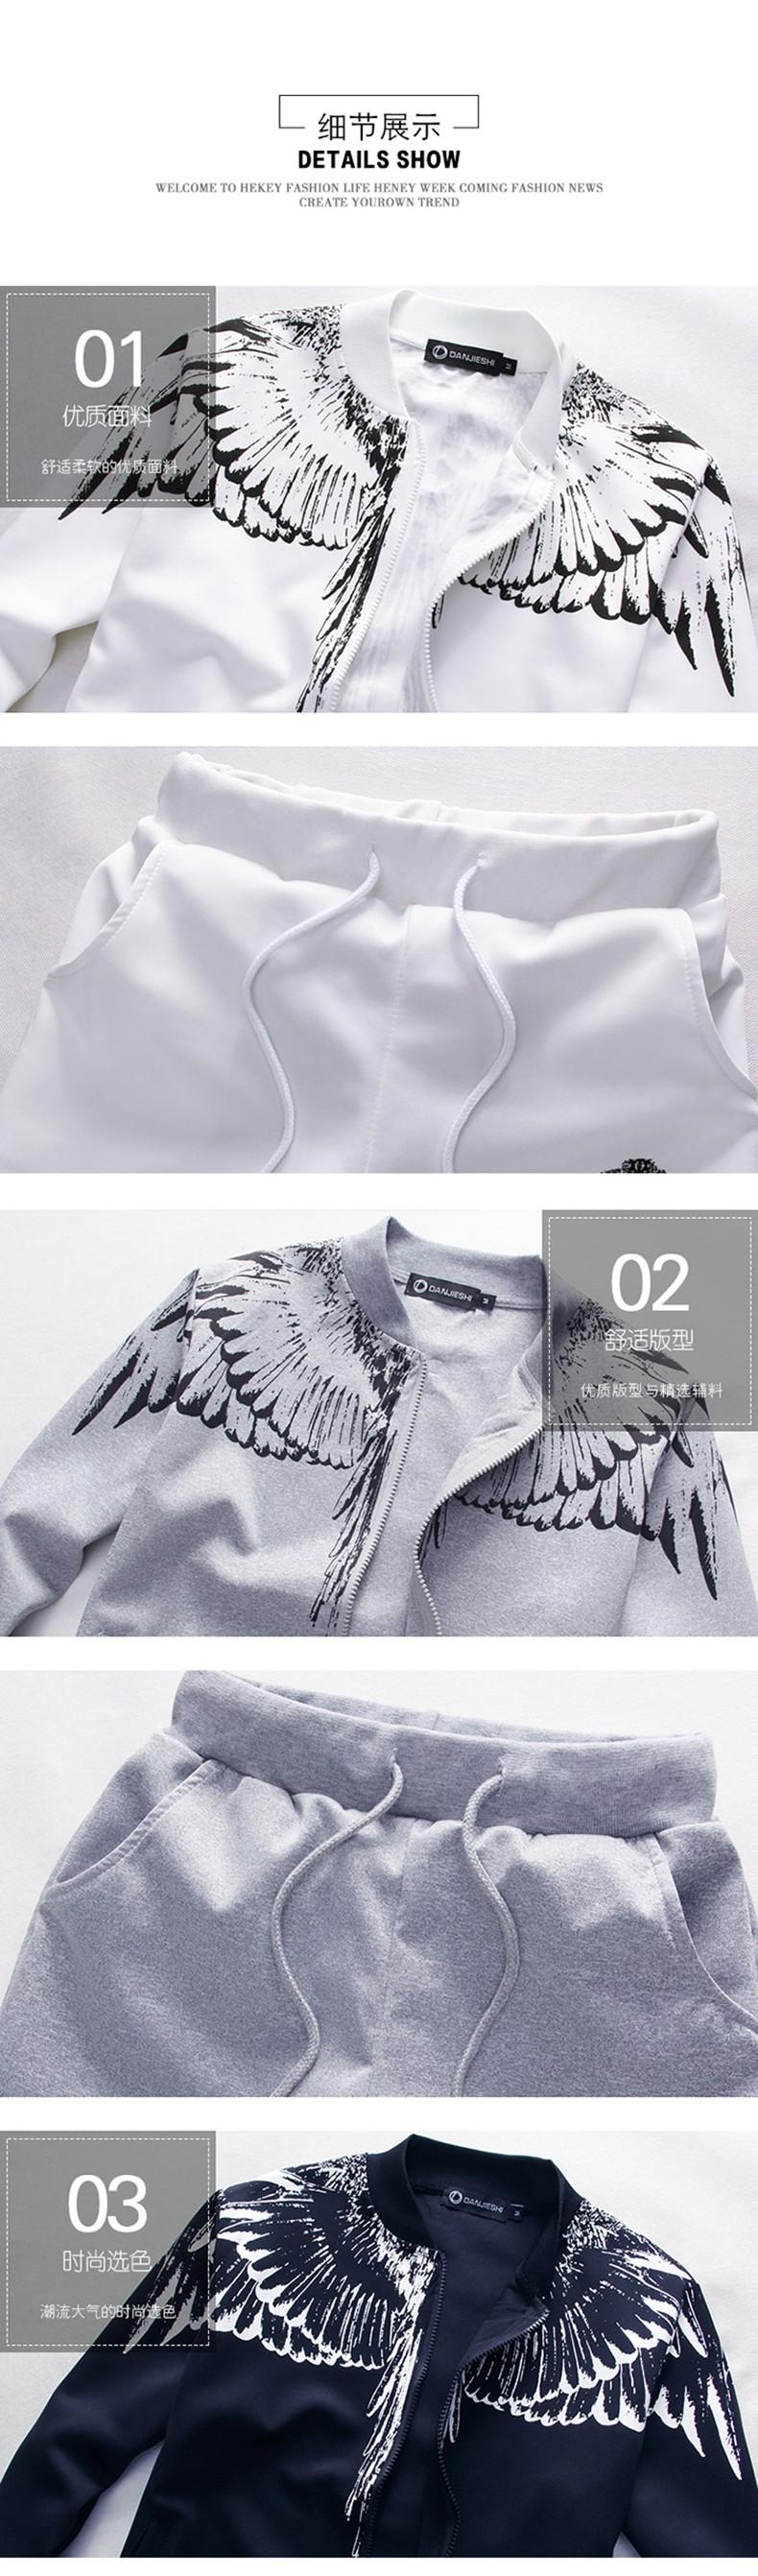 Marka-Odzież Dres Dorywczo SportSuit Męskie Odzieży Męskiej Mody Wiosna/Jesień Bluzy/Bluzy Żakiet + Spodnie Dres Polo 2016 7